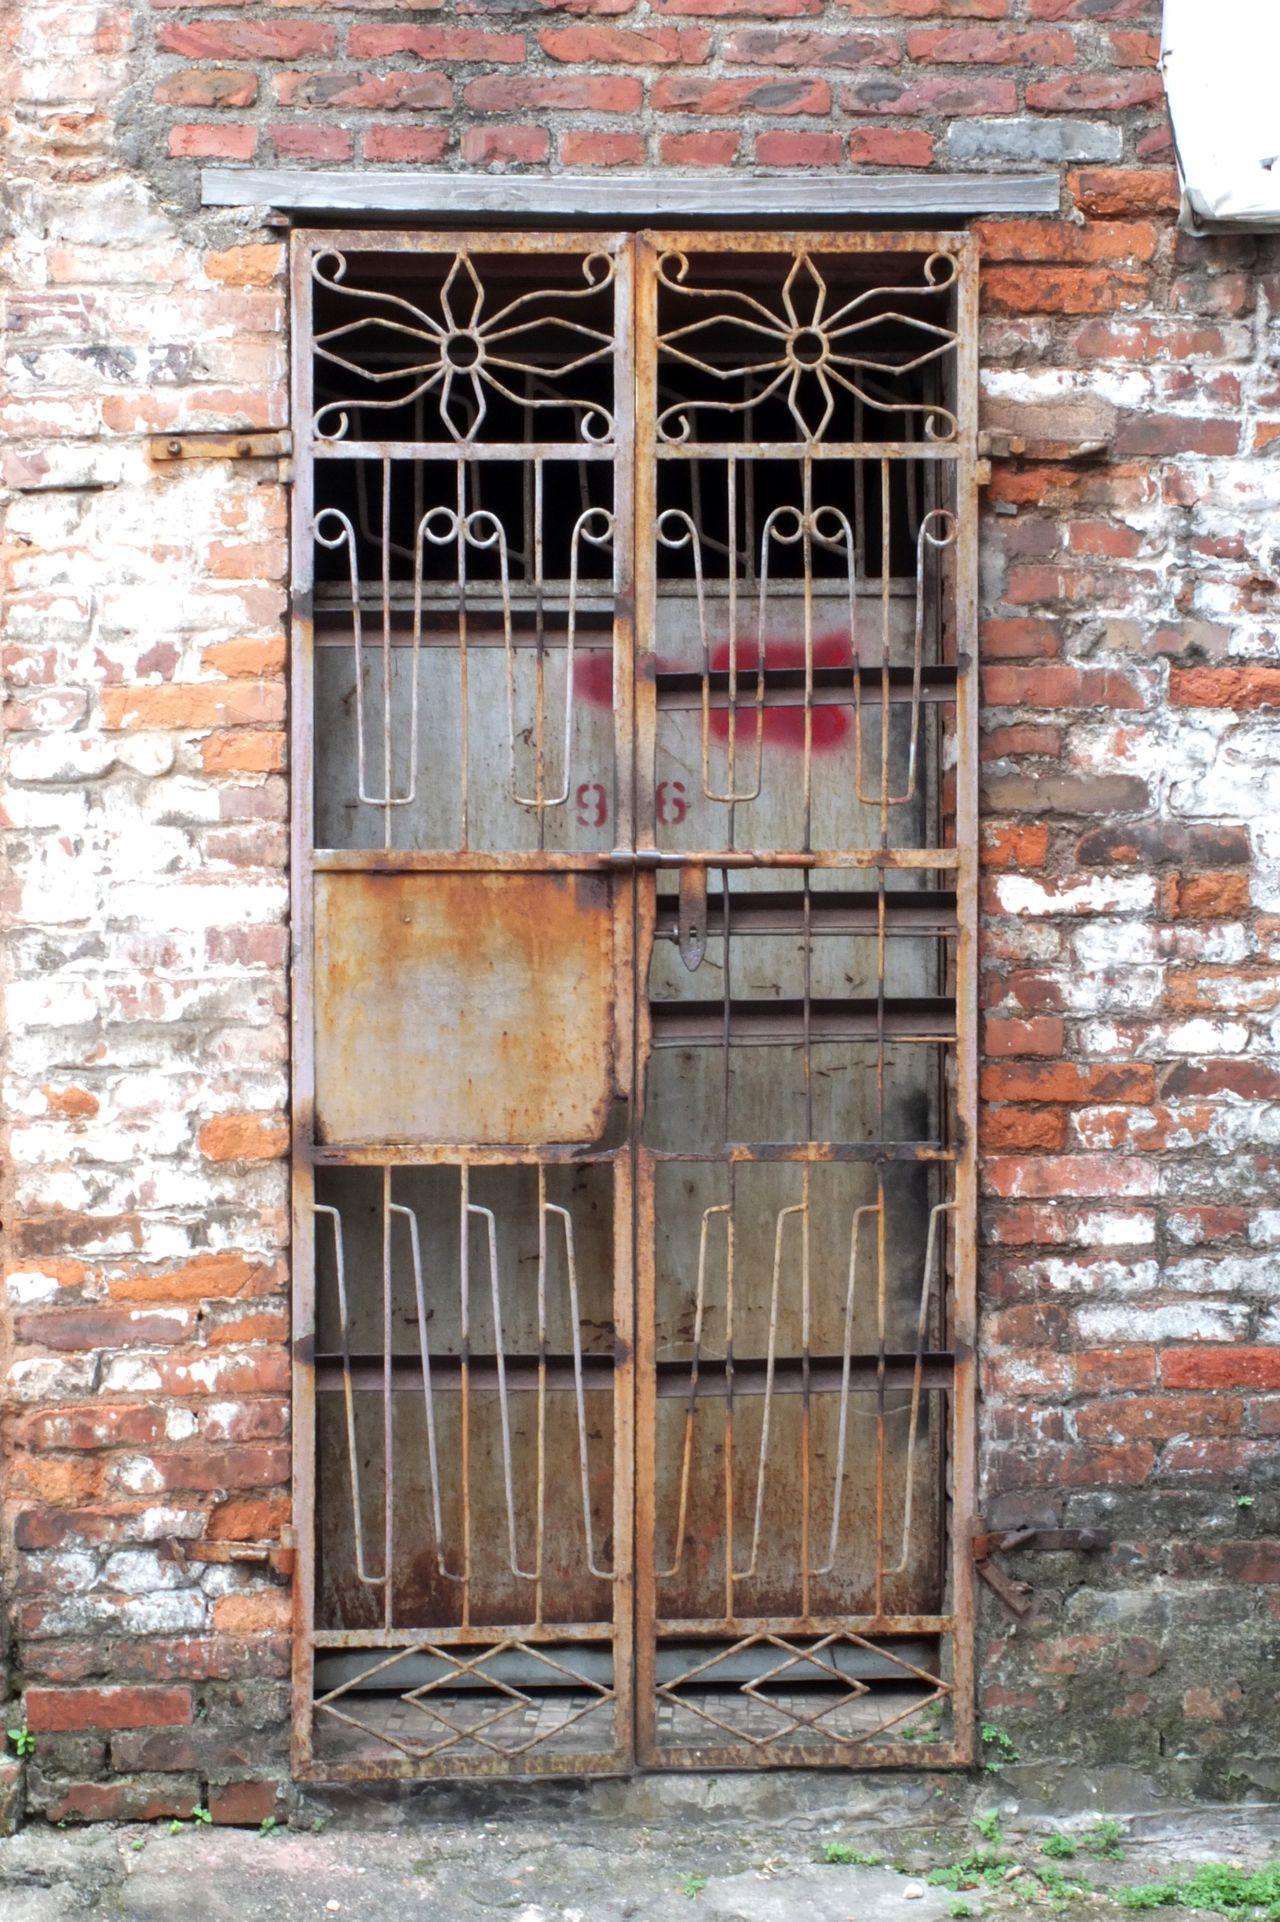 Door Doorway Metal Door Streetphotography Foshan,China Village No People IPhoneography Walking Around Traveling Home Front Door Old Buildings Old House Old Style Chinese Style Building Chinese Style